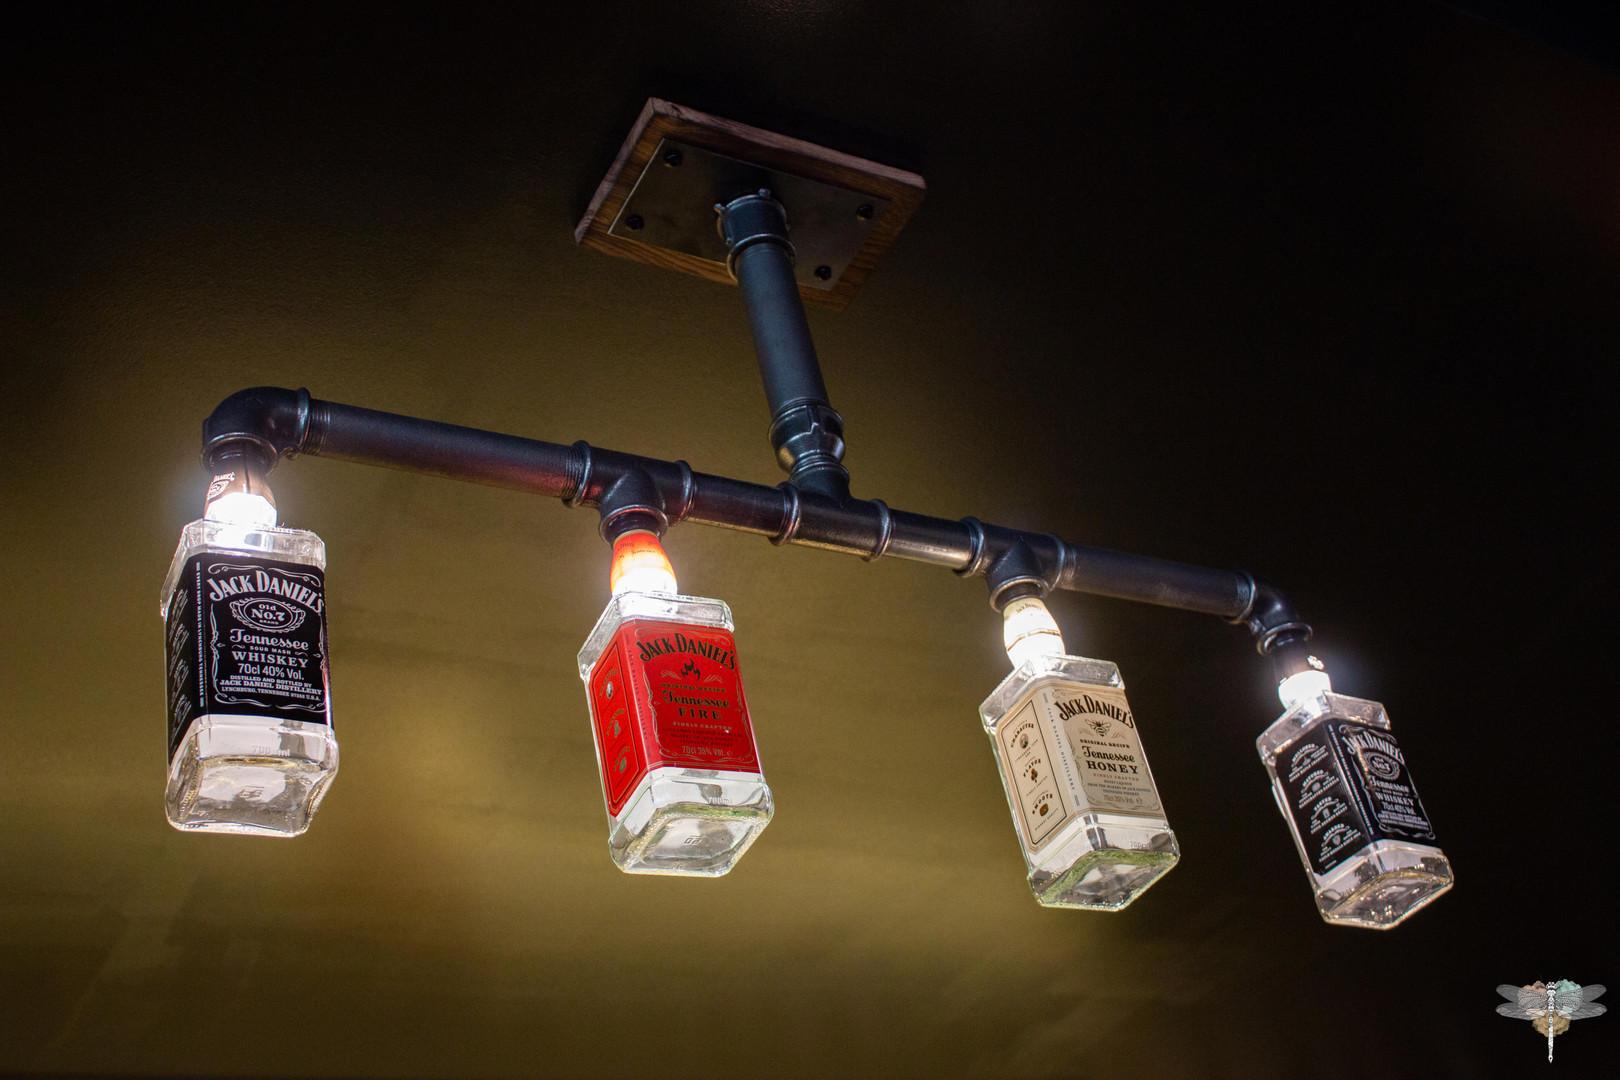 Agencement et décoration du restaurant industriel voyage EAP's CAFE par Carnets Libellule. Coralie Vasseur est votre Décoratrice d'intérieur UFDI à Compiegne : suspension détournée luminaire en bouteilles de whisky recyclées